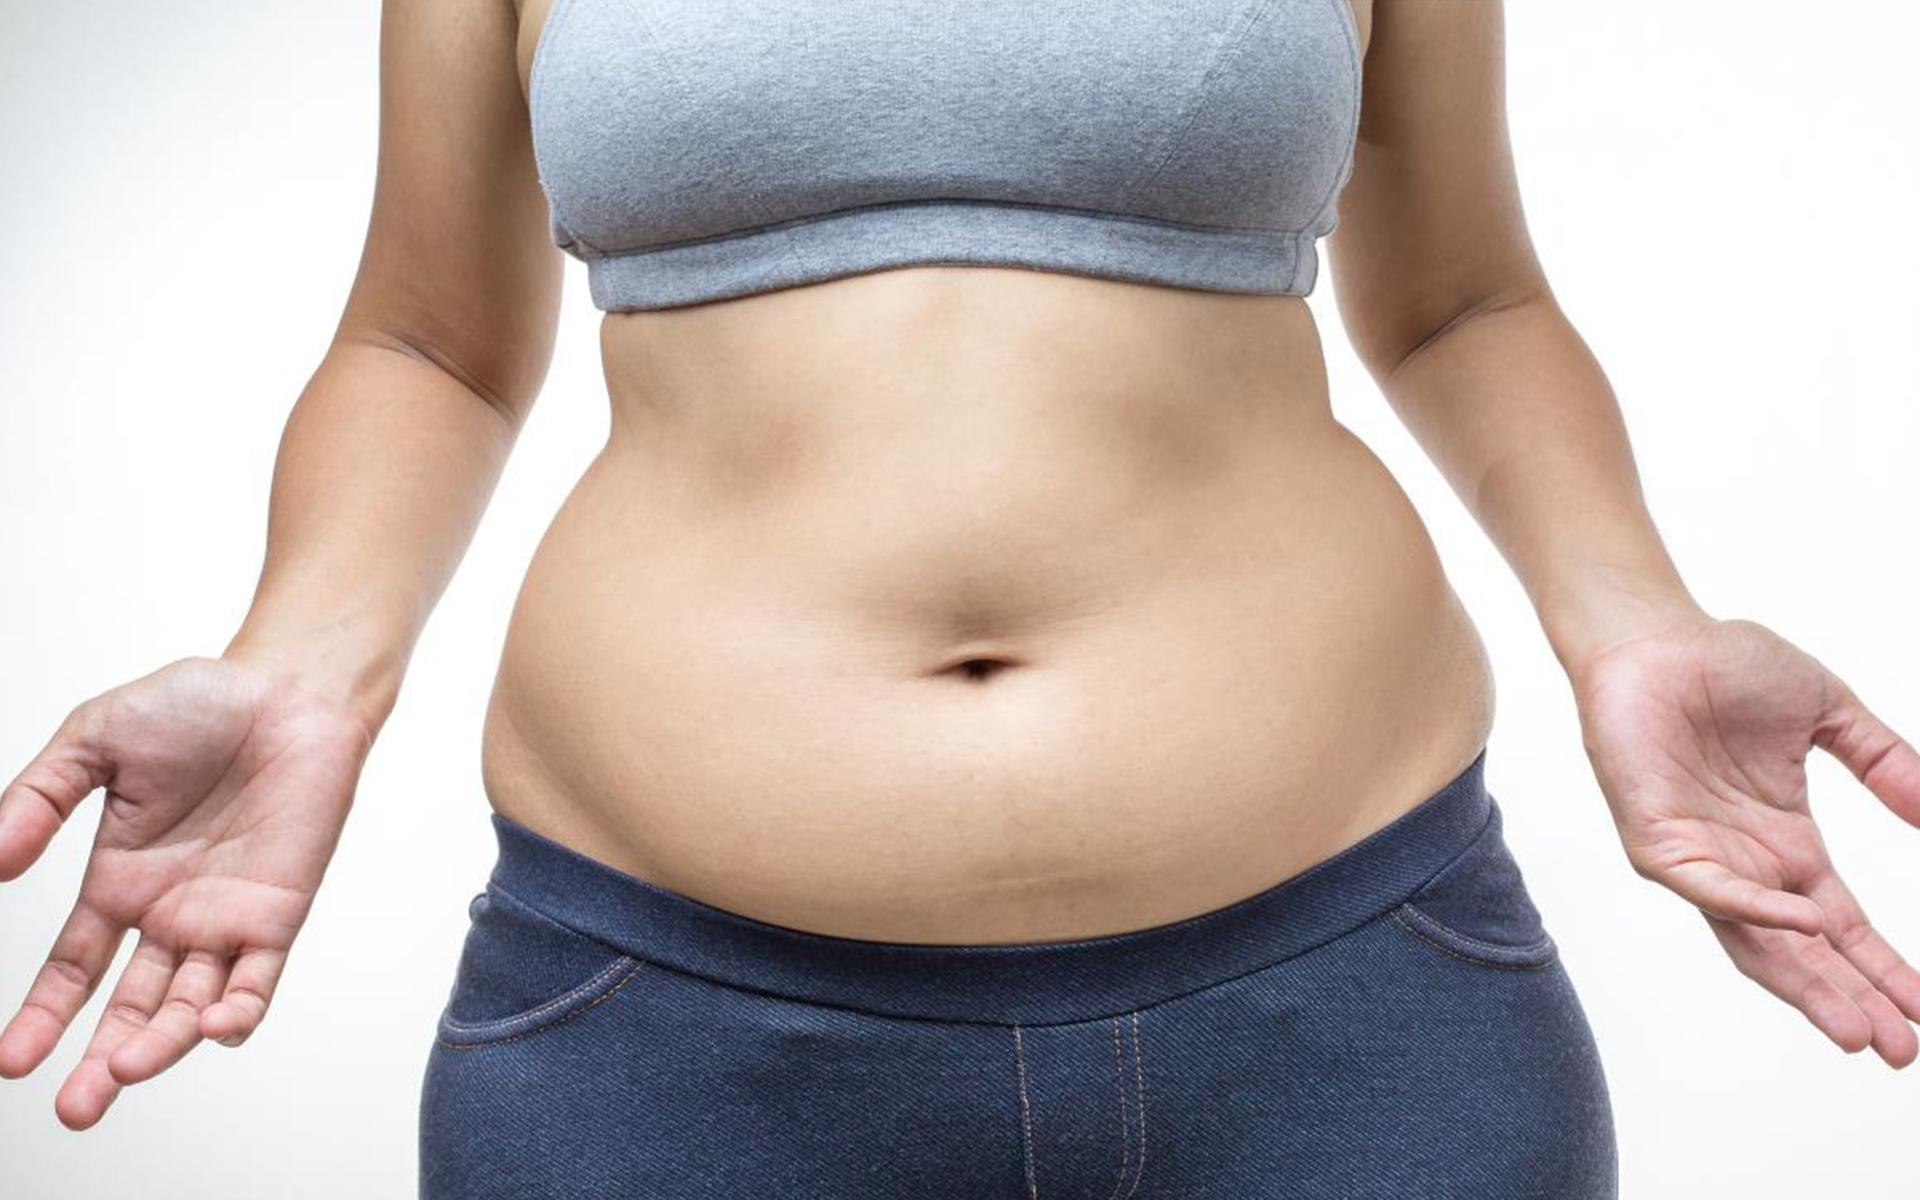 pierdere în greutate săptămânală sigură kg pierdeți în greutate înfășurându-vă